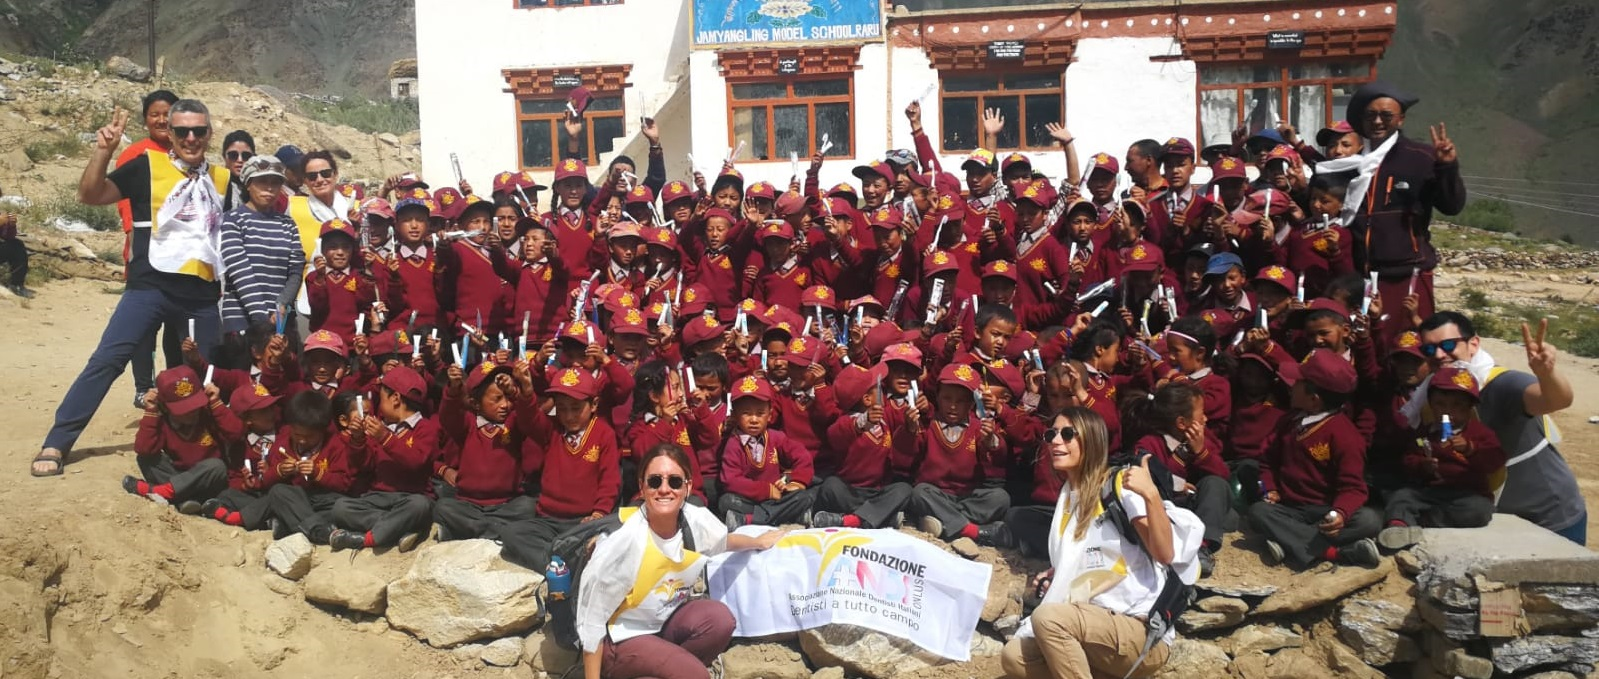 IMG 20190715 WA0006 Ladakh 2019, missione compiuta!